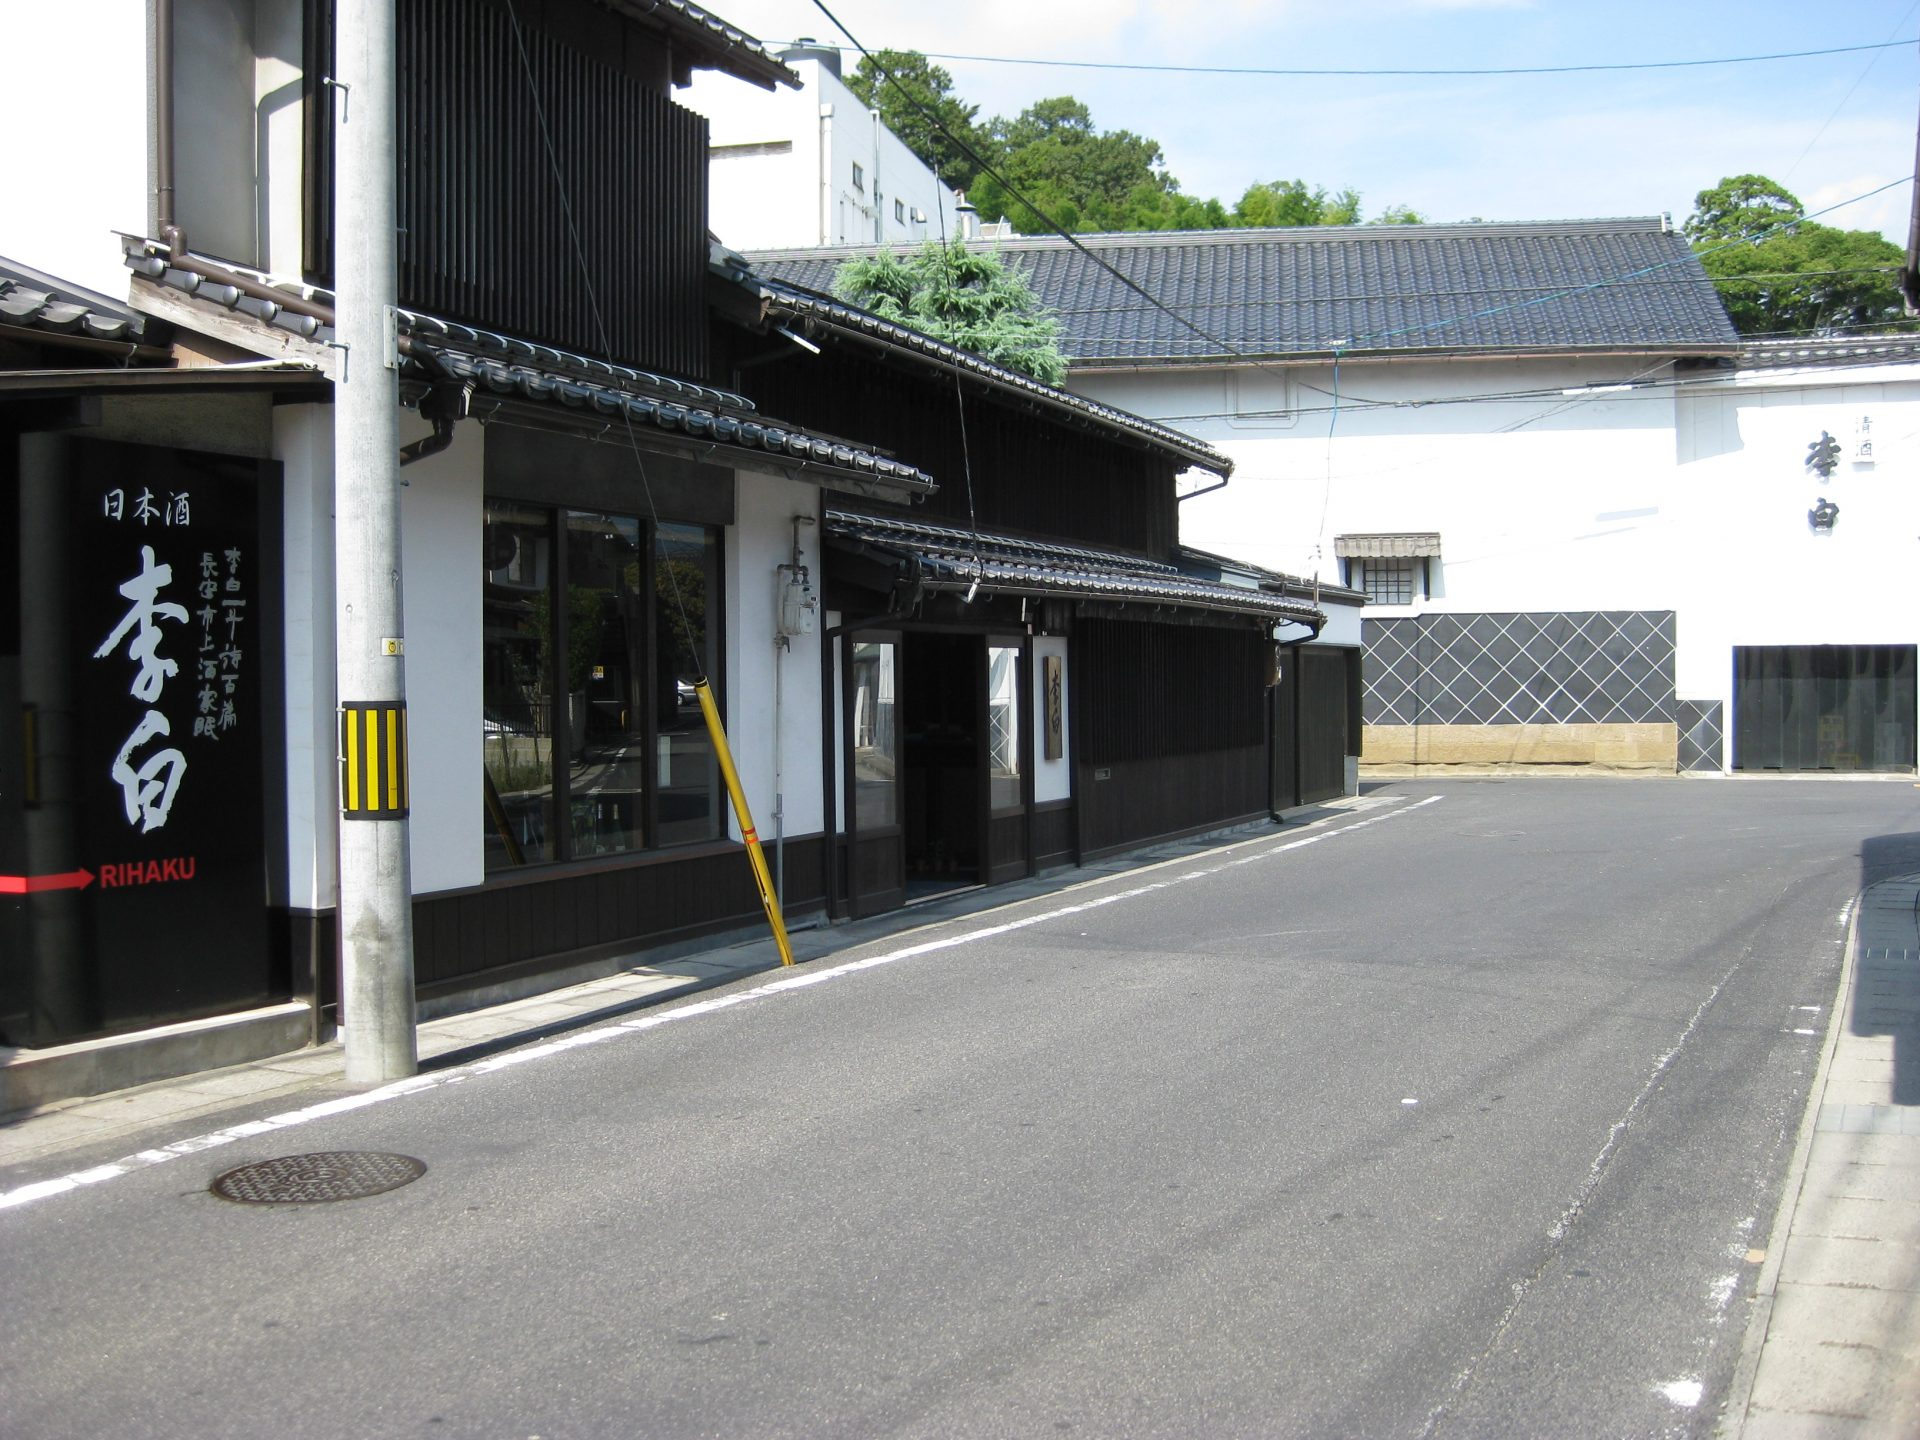 RIHAKU SHUZO - MAISON DE SAKE